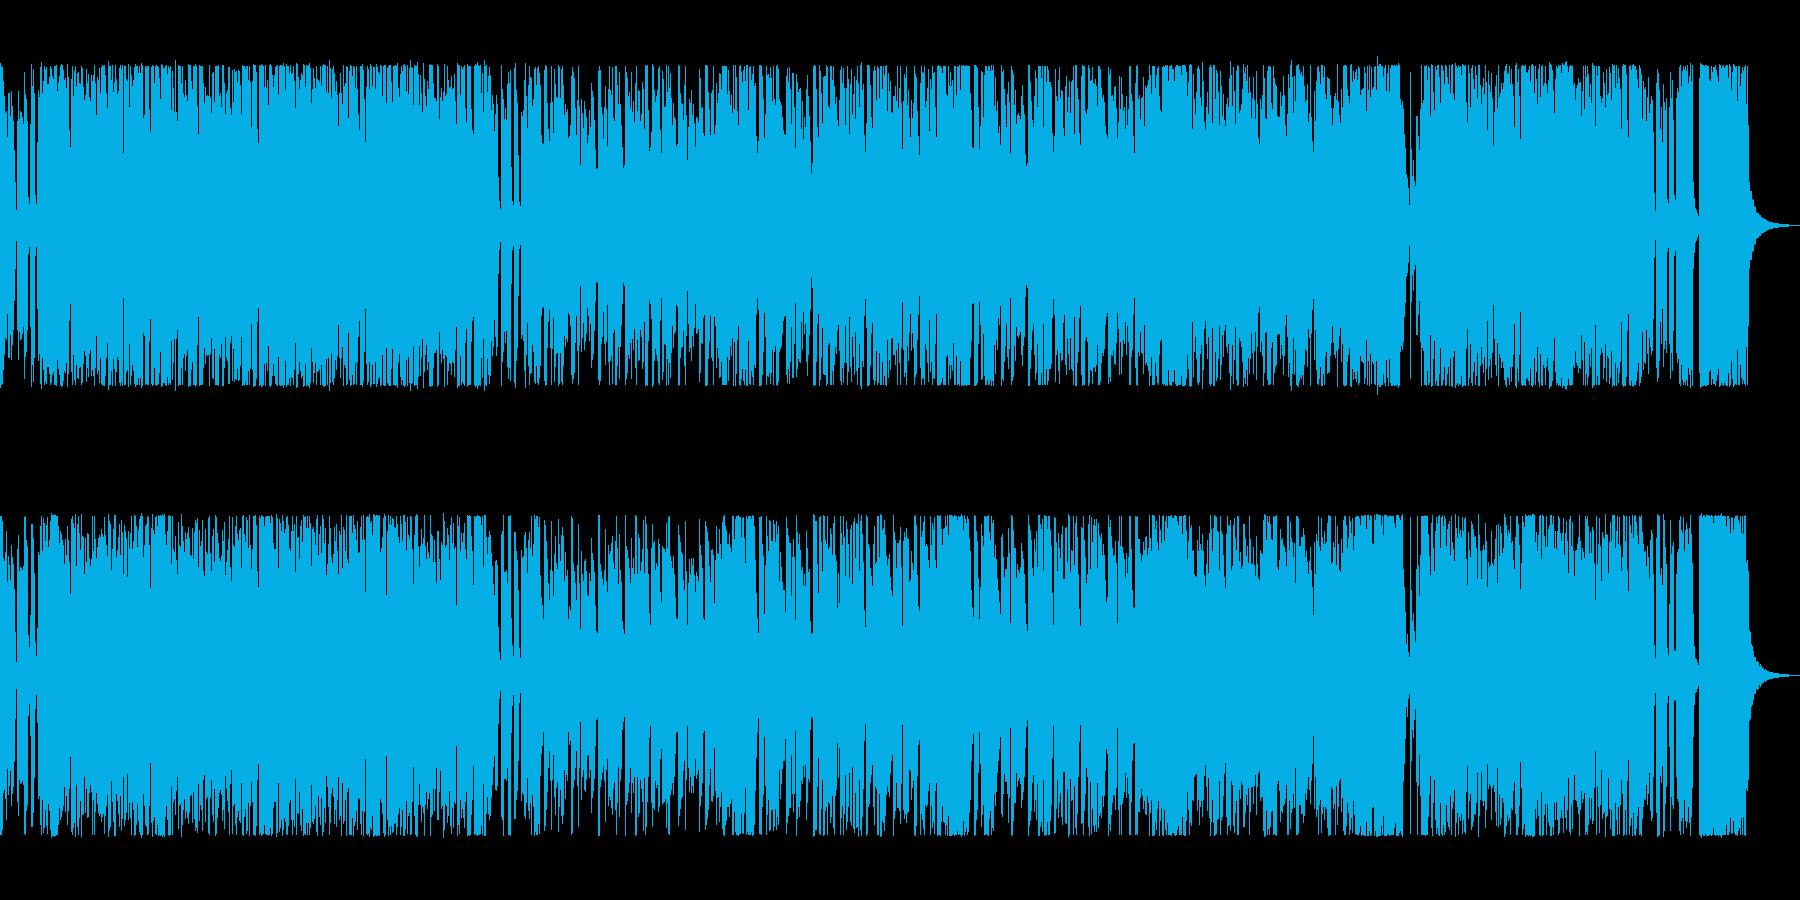 楽しく、軽快な曲調のファンクミュージックの再生済みの波形